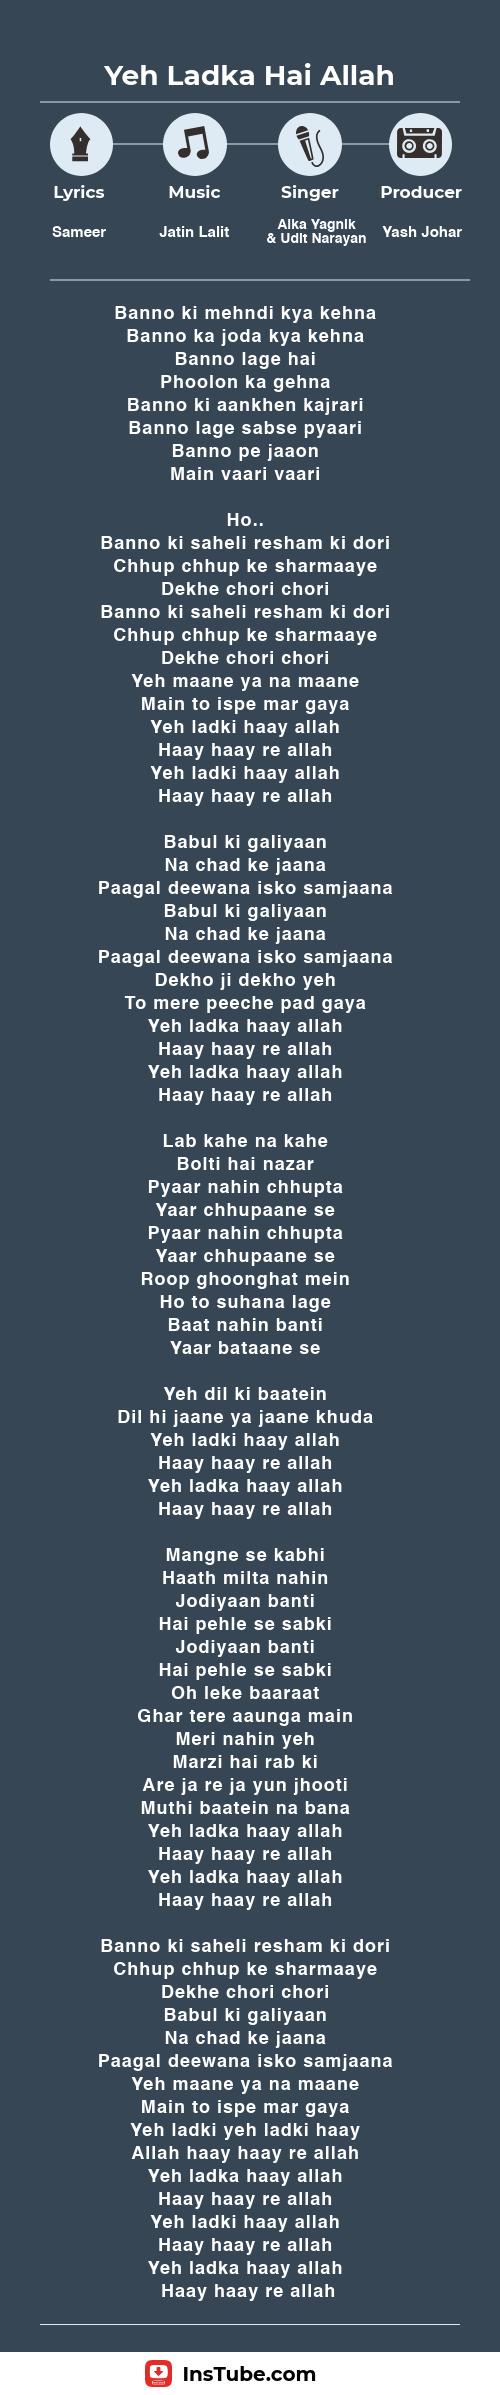 InsTube Kabhi Khushi Kabhi Gham… Yeh Ladka Hai Allah lyrics